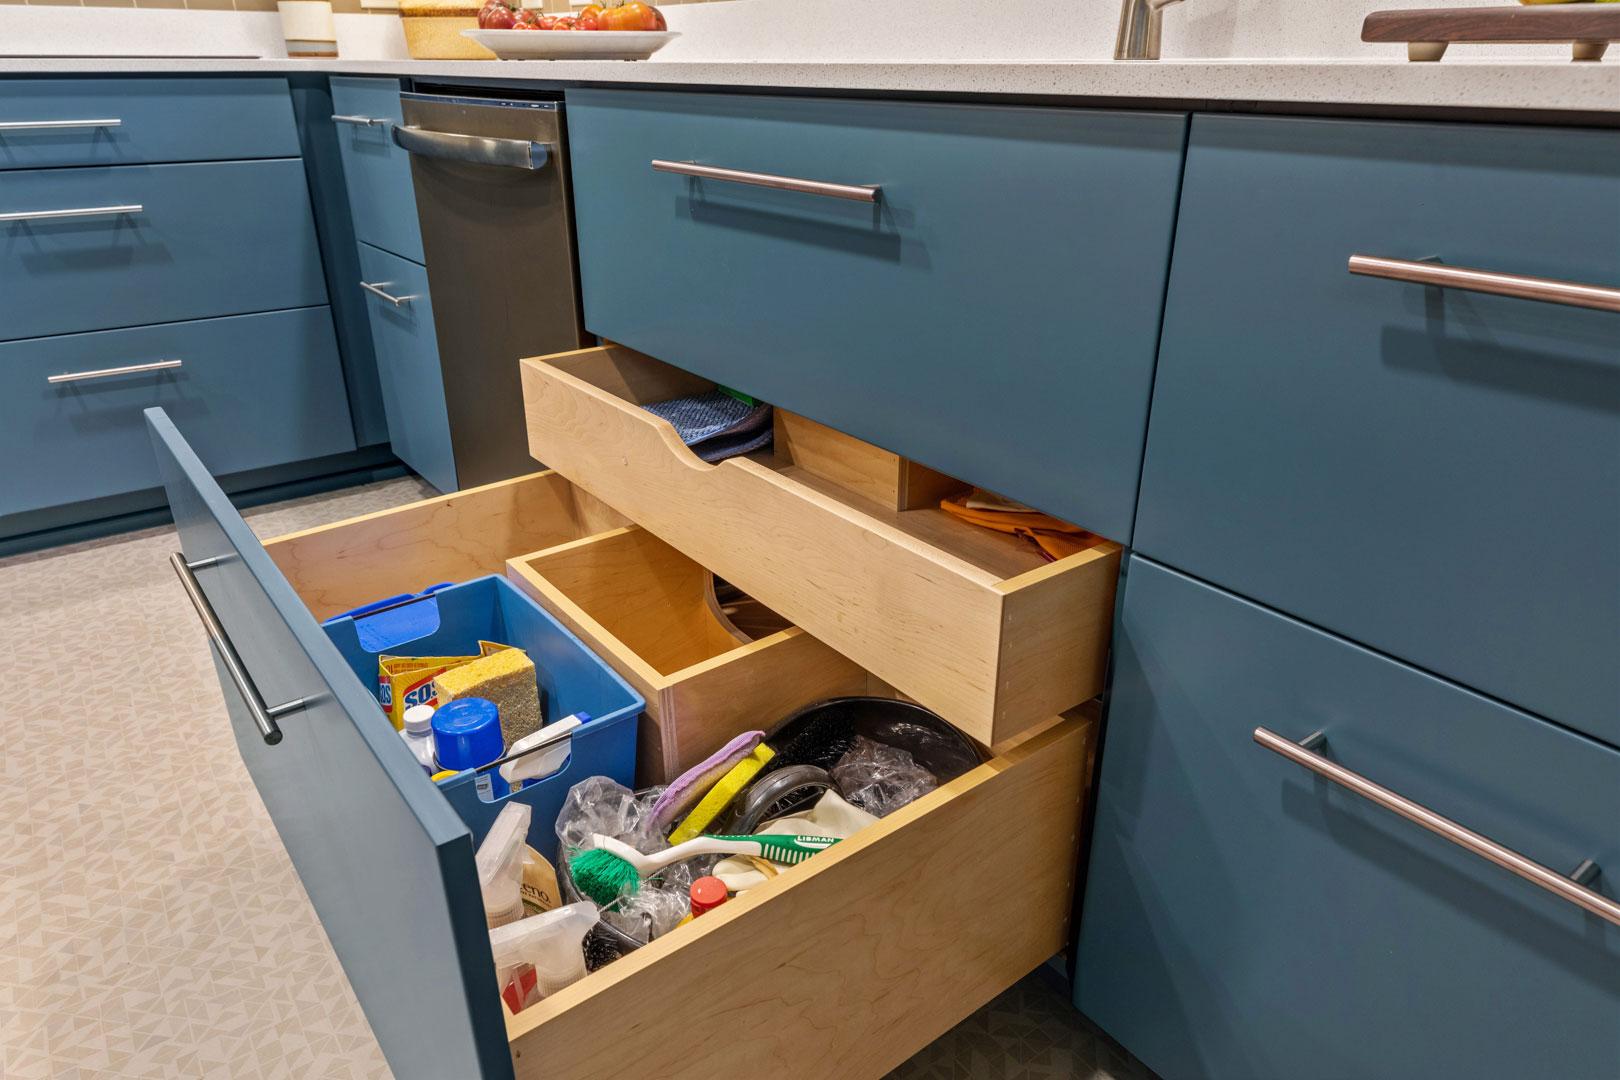 kitchen cabinet design - Henderer Design + Build, Corvallis OR